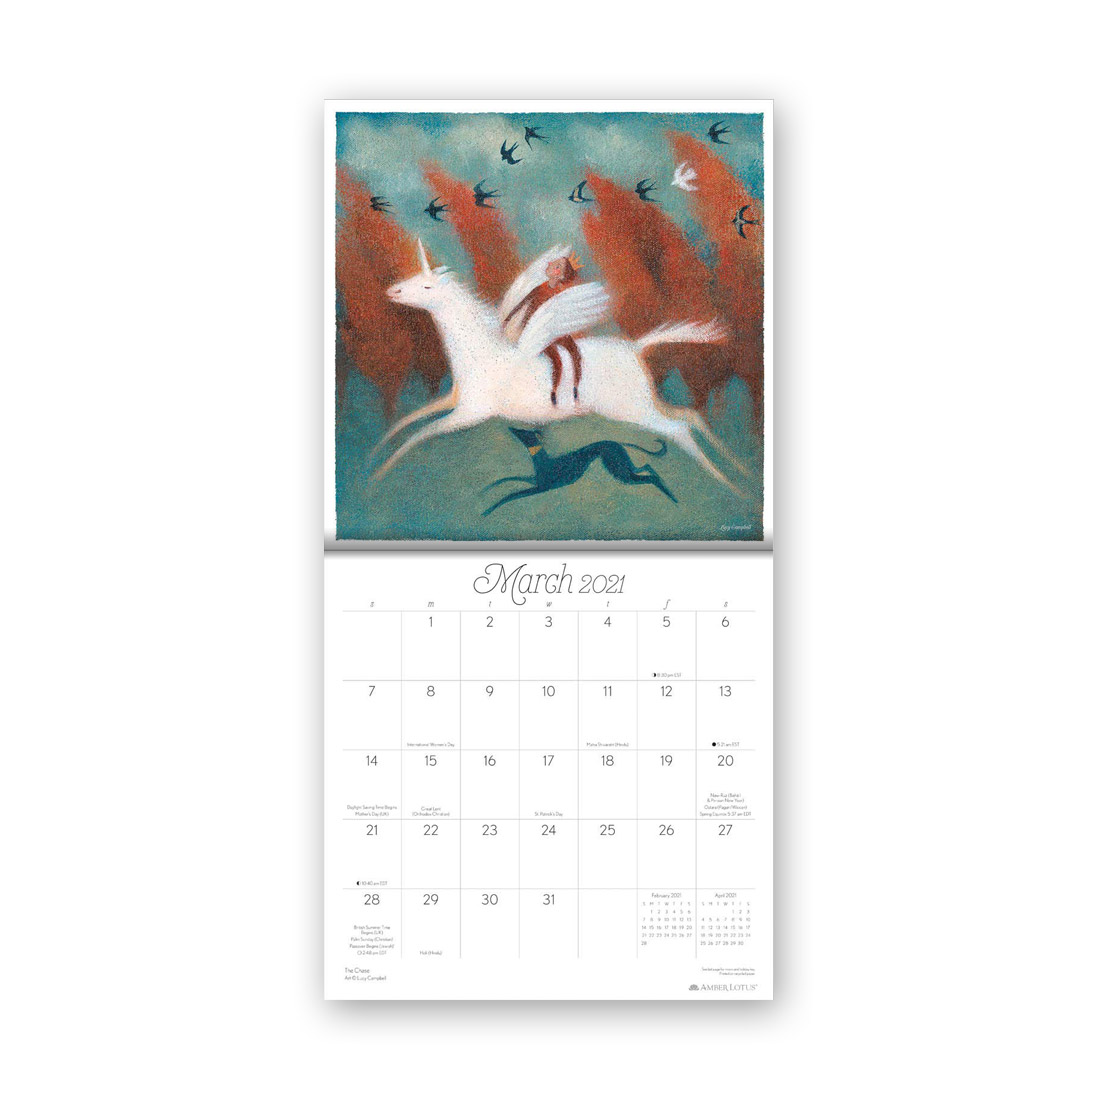 マジカルレルムカレンダー2021